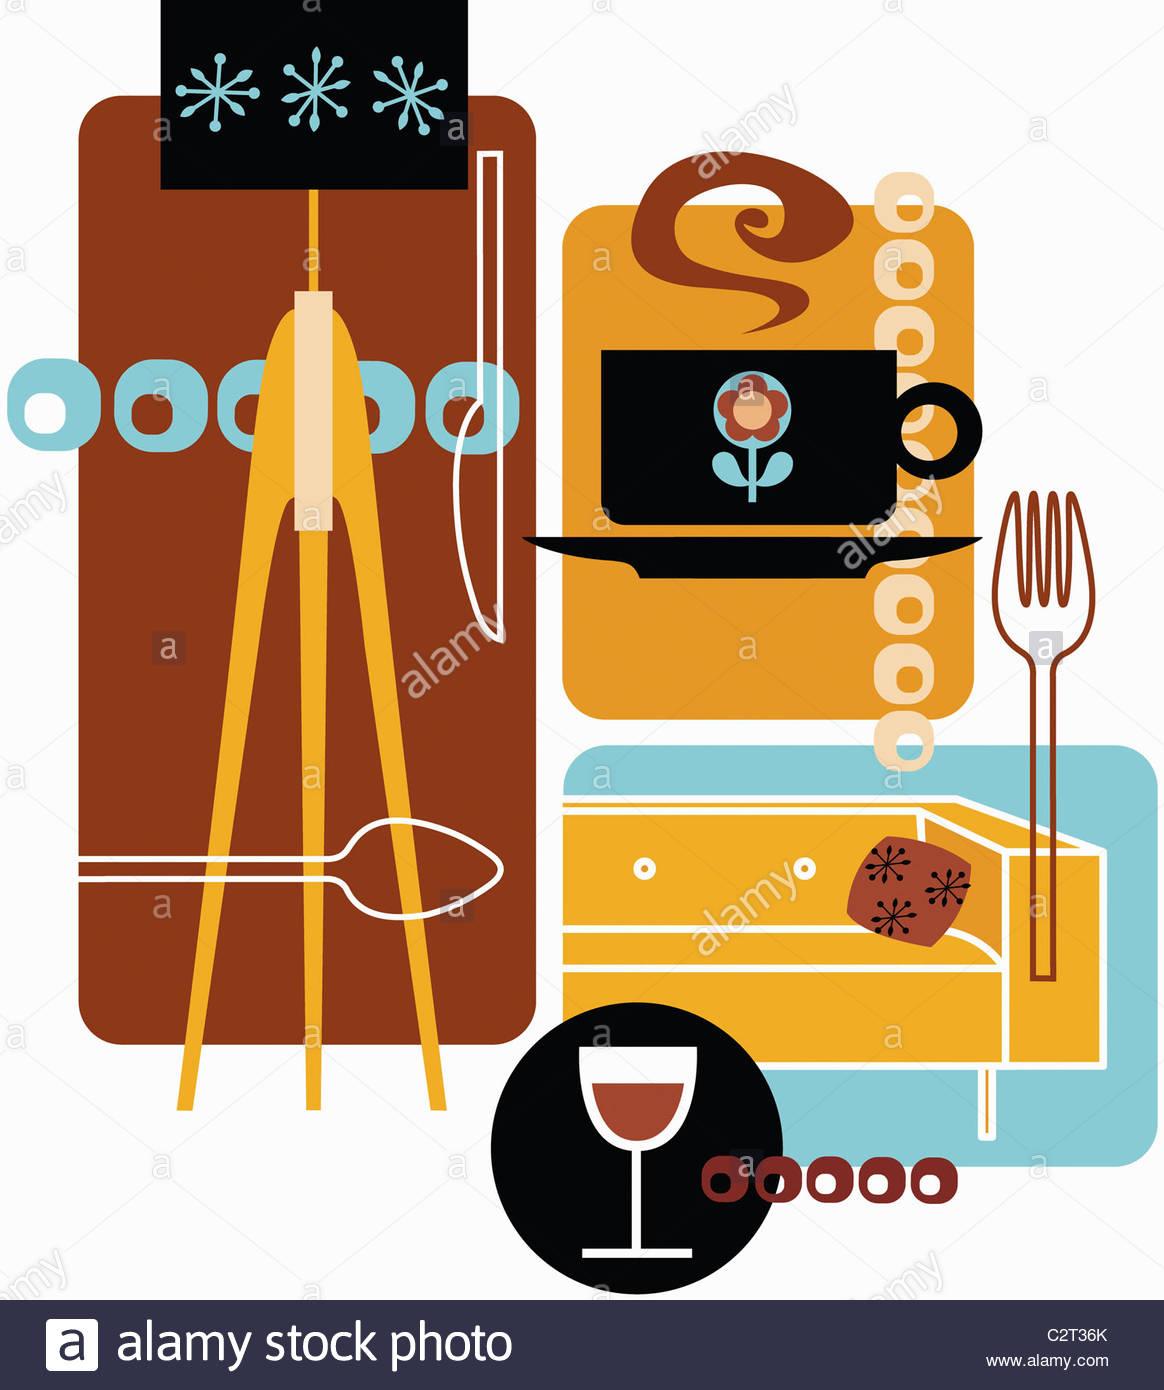 Retro-Montage der Gabel, Sofa, Lampe, Kaffee und Wein Glas Stockbild